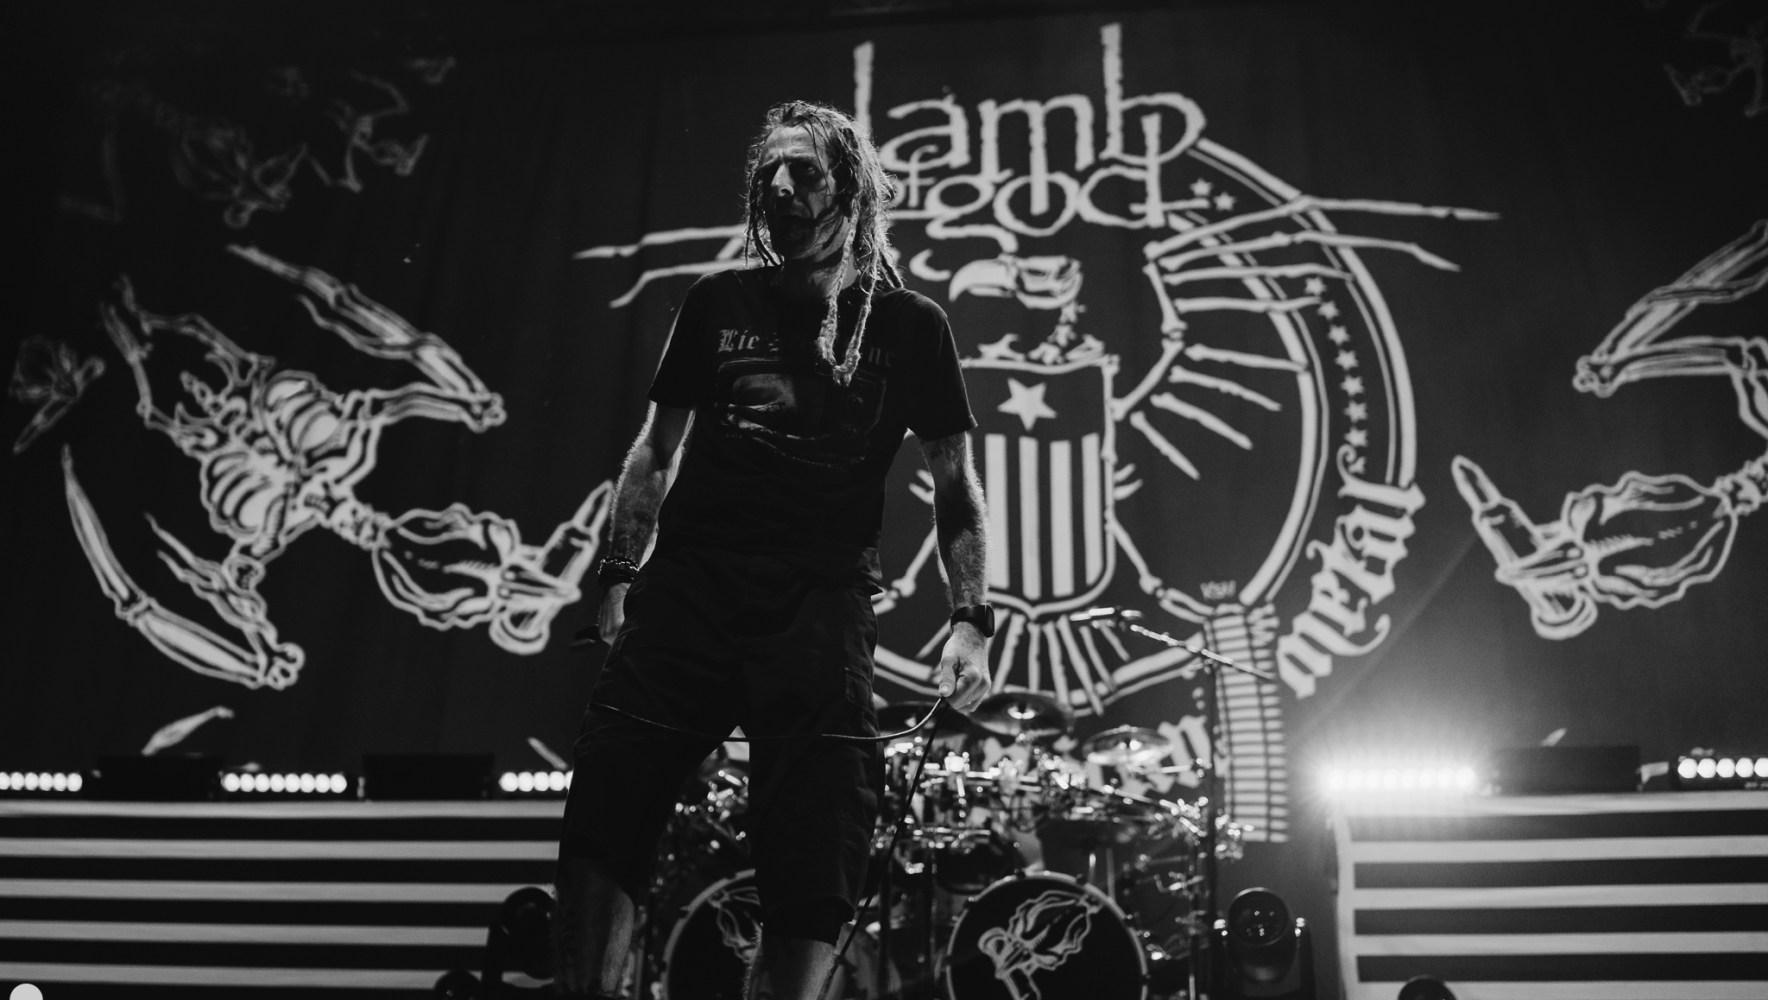 Lamb of God - San Antonio, TX - Aug 15 2018